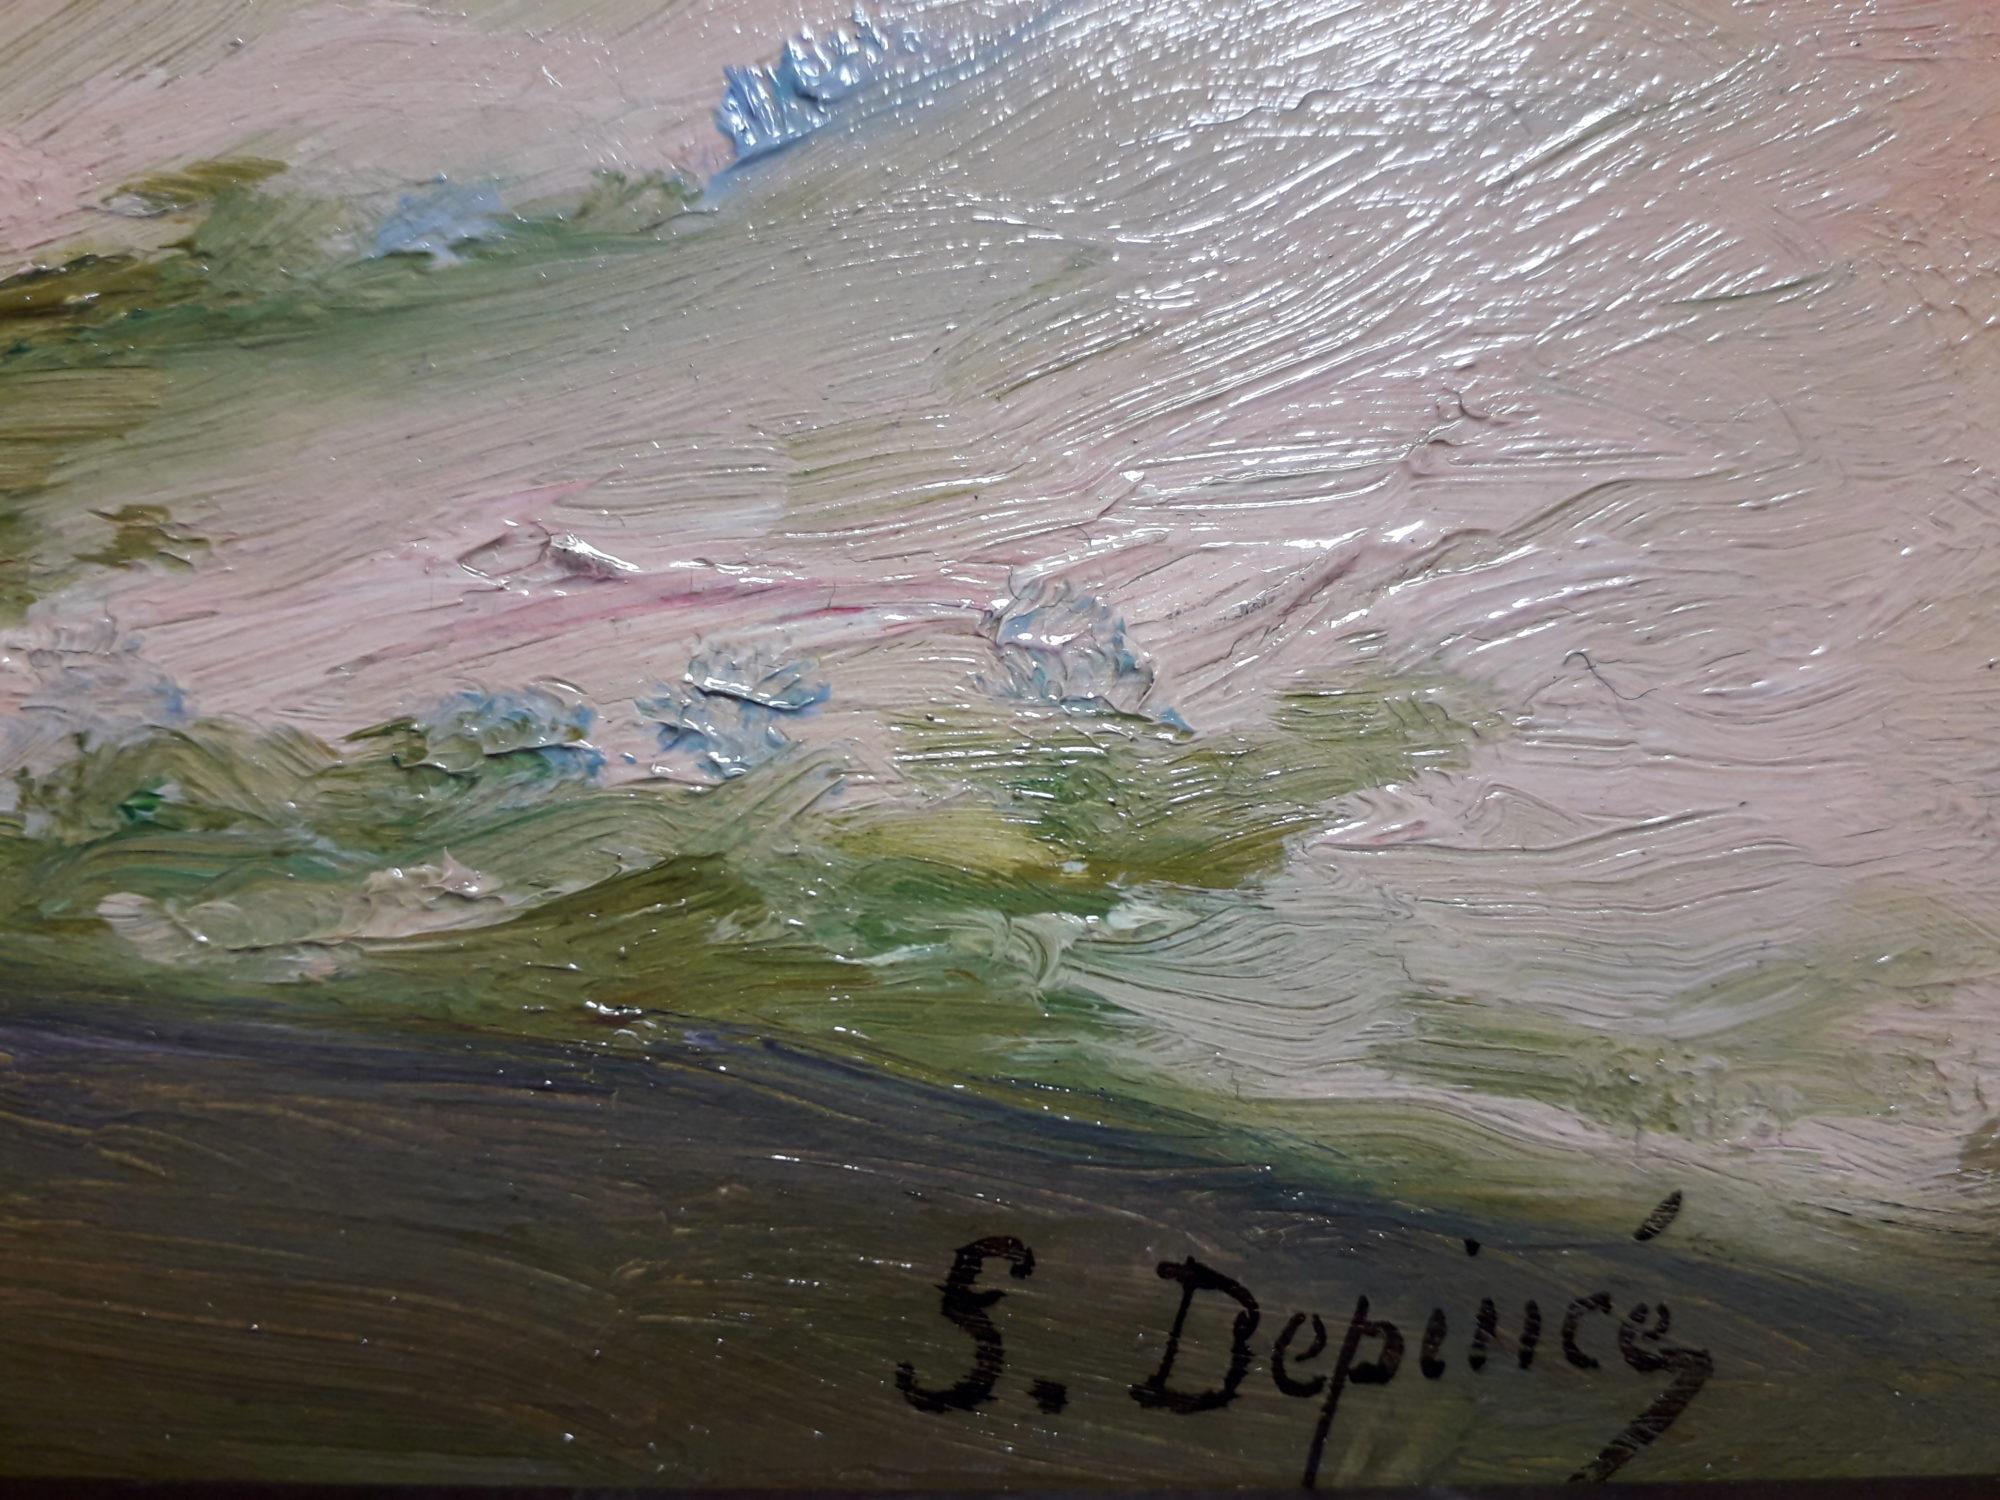 depince-suzanne-grande-dune-de-la-plage-des-grands-sables-le-pouldu-signature